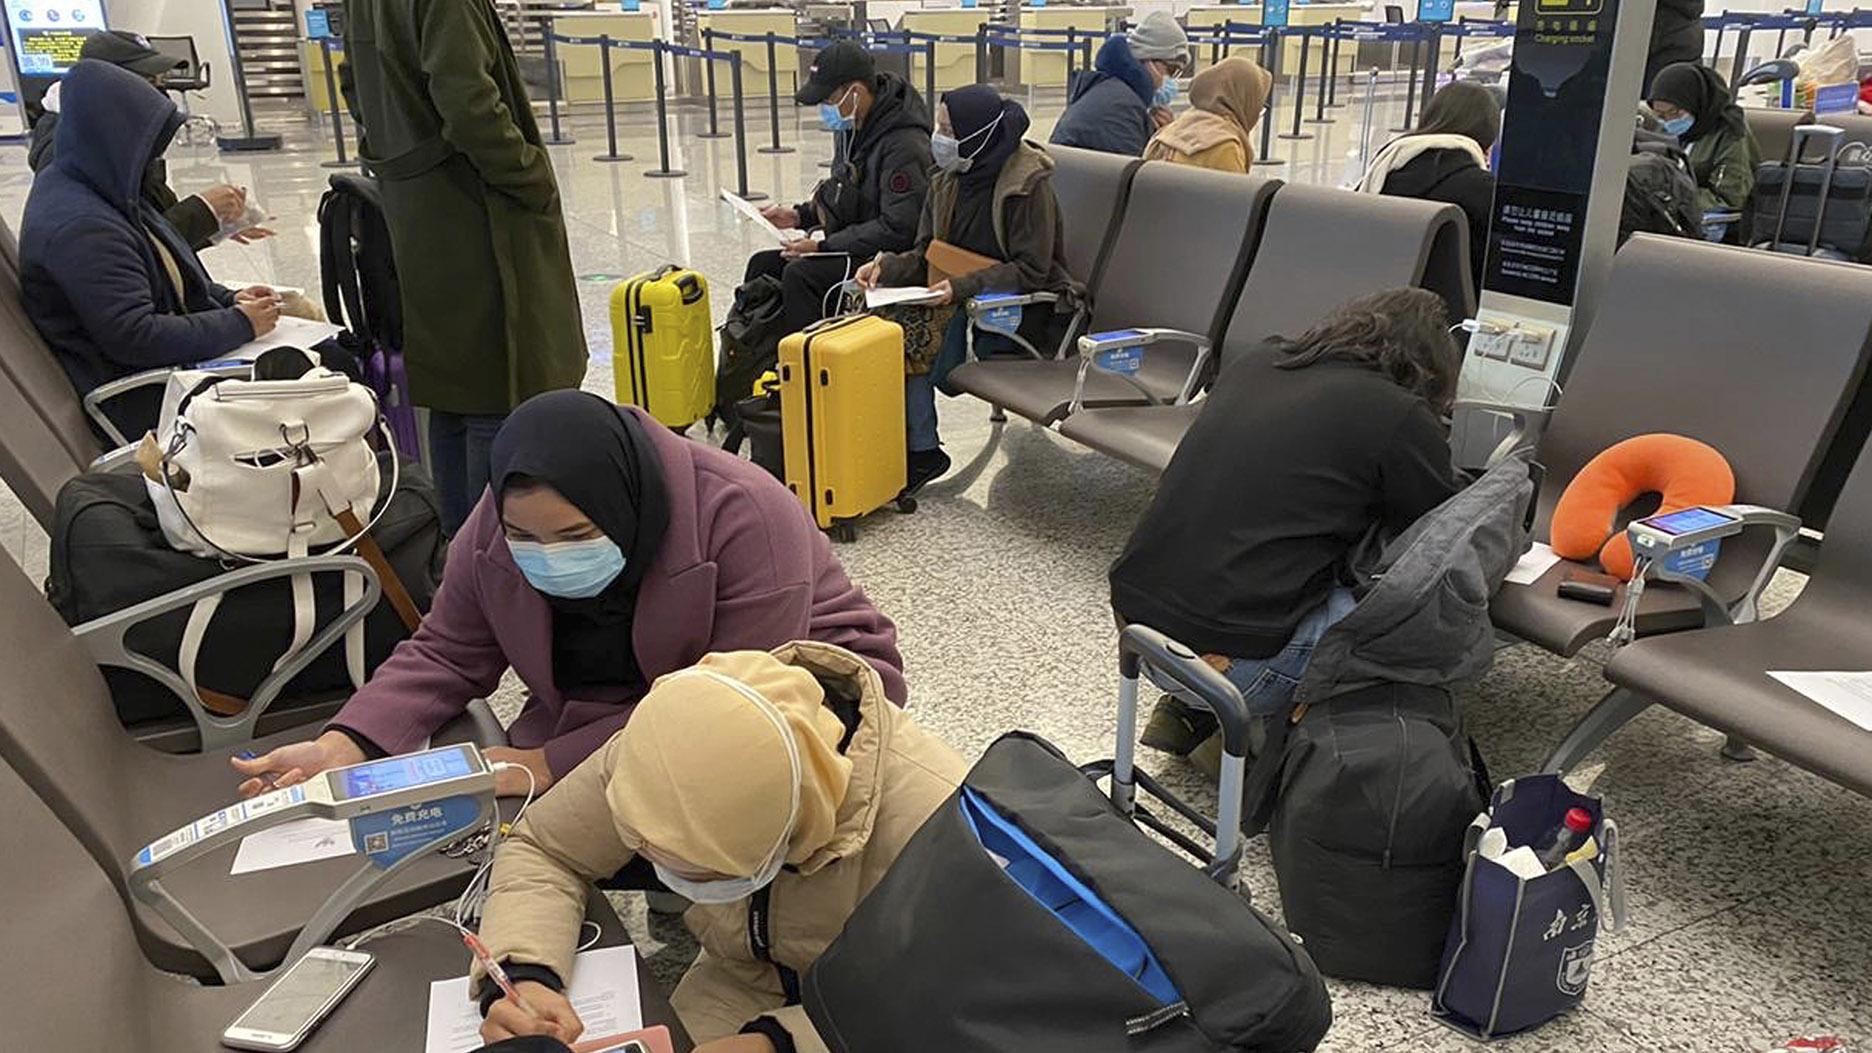 2020年2月1日印尼公民离开武汉机场。(美联社)